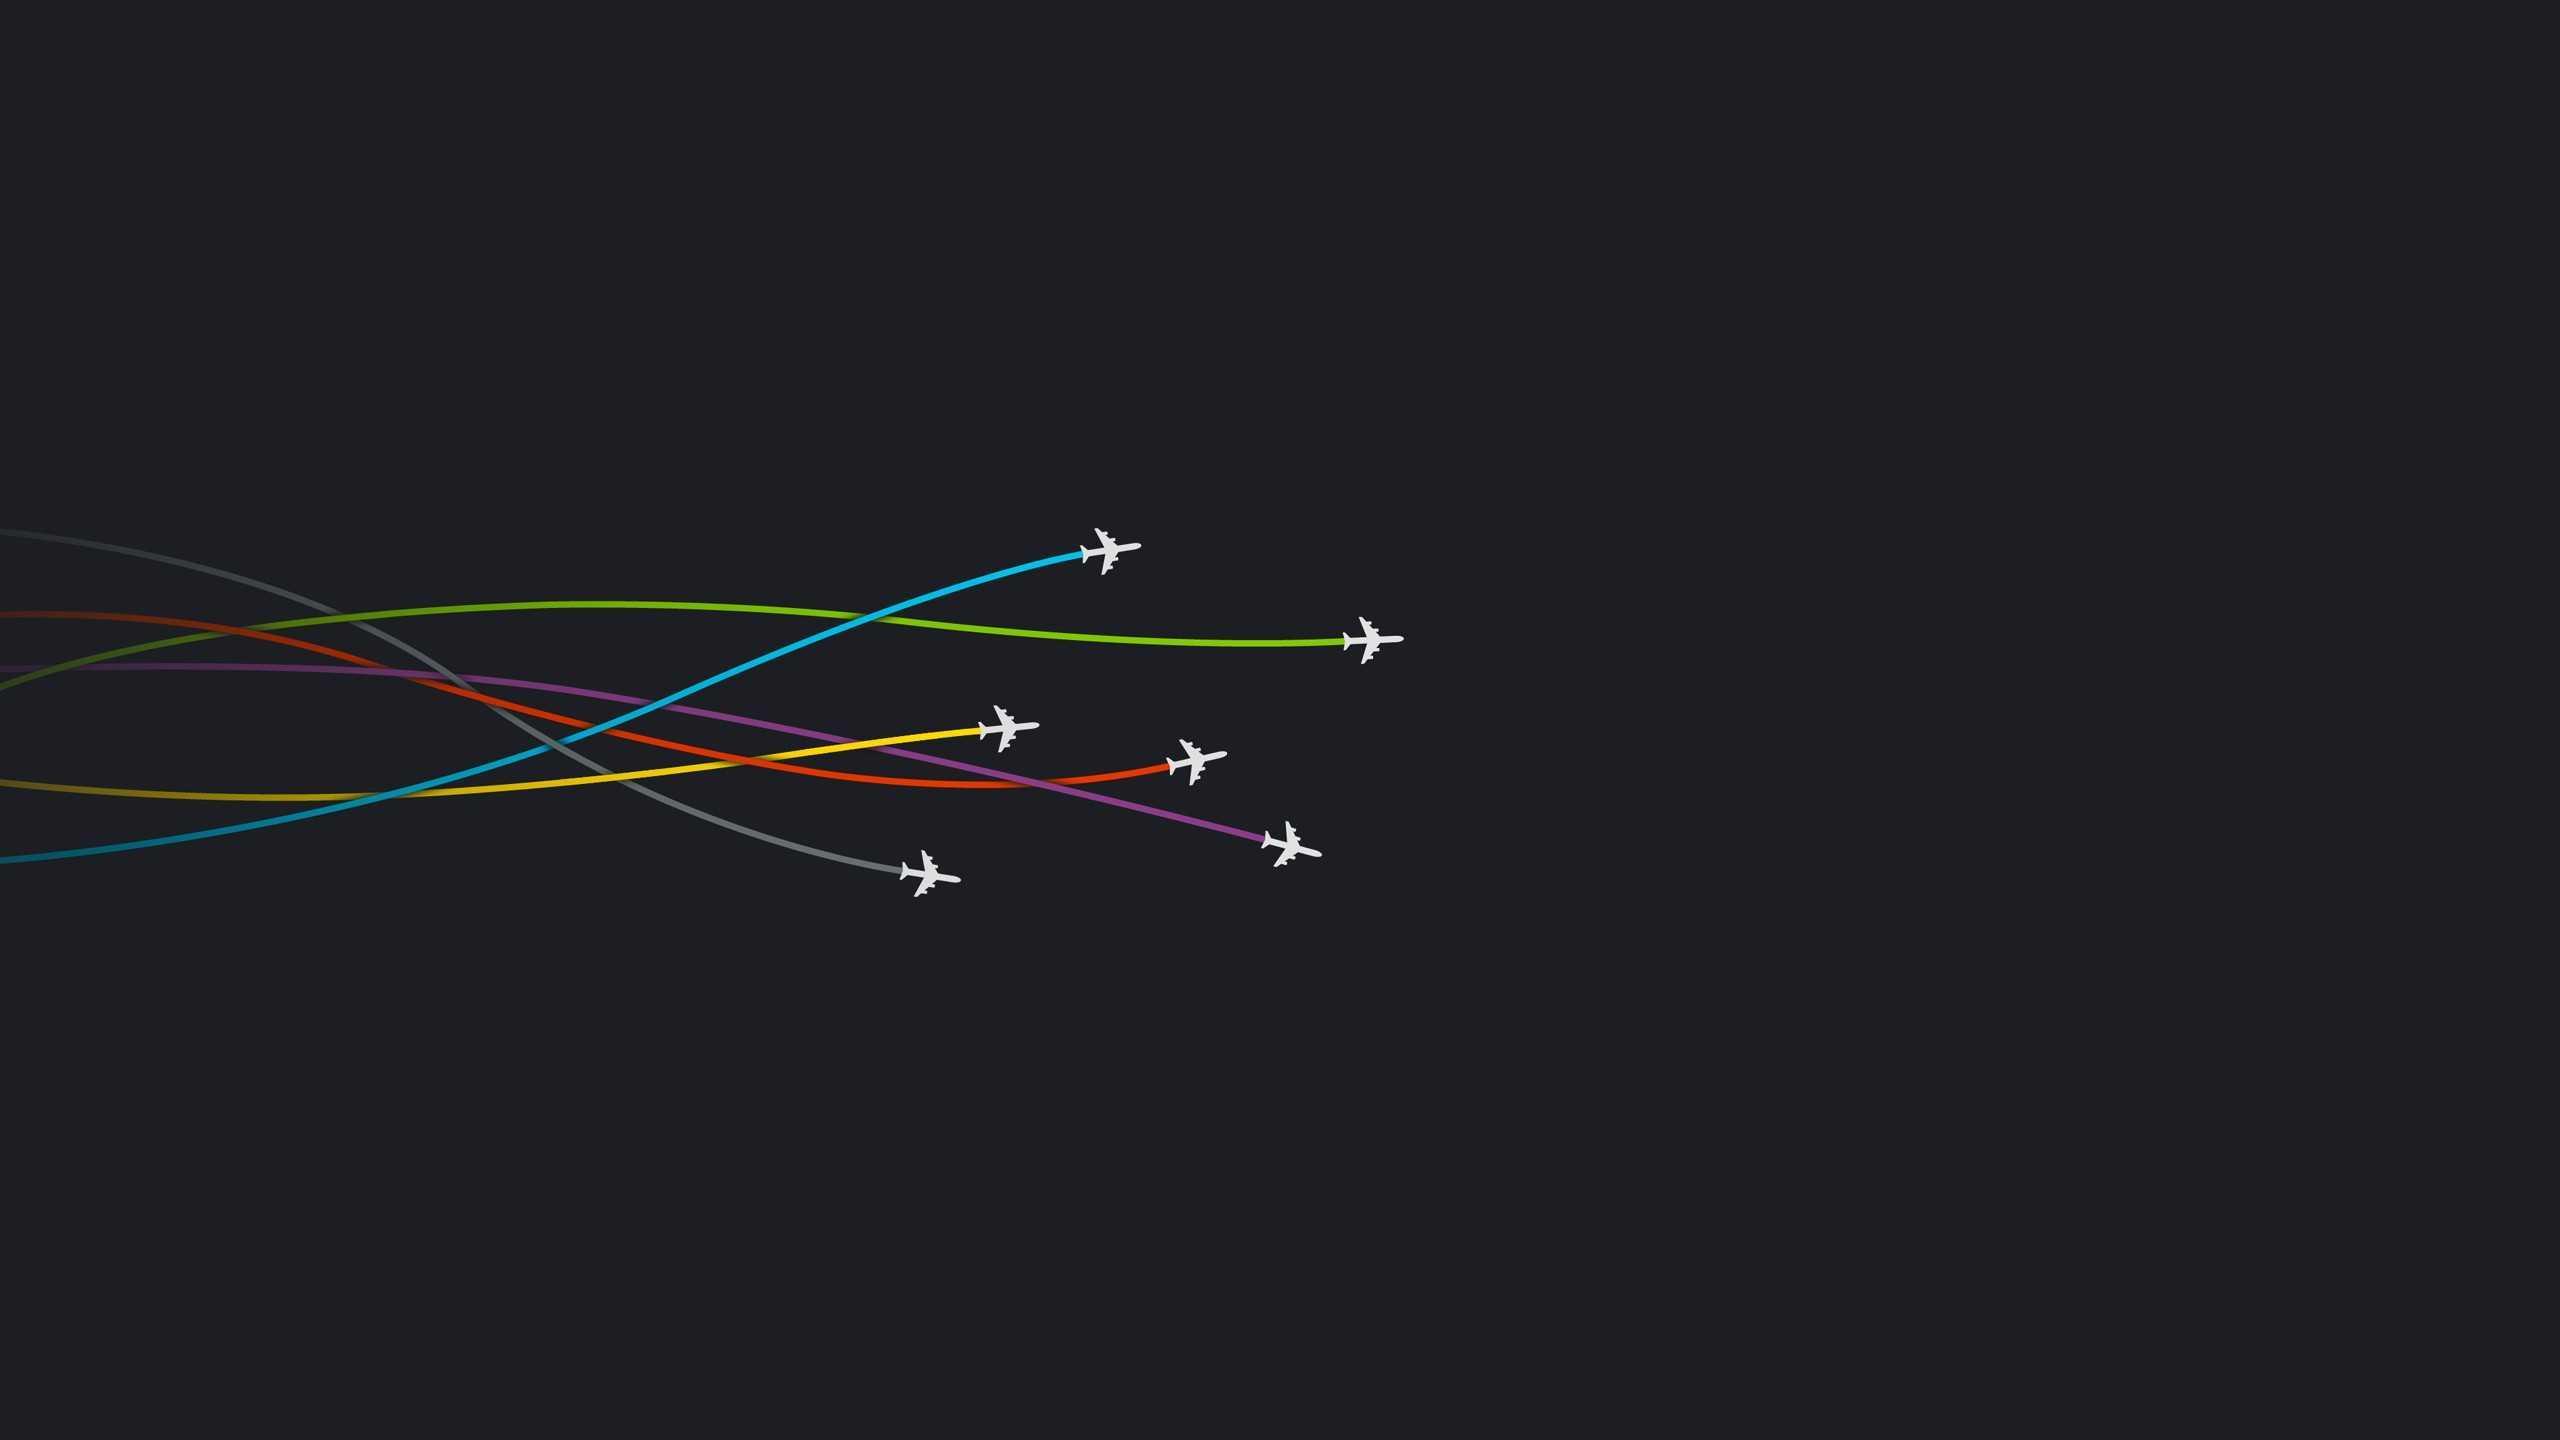 Degli aerei che volano - Sfondi per PC, iPhone, Android e profilo WhatsApp da scaricare